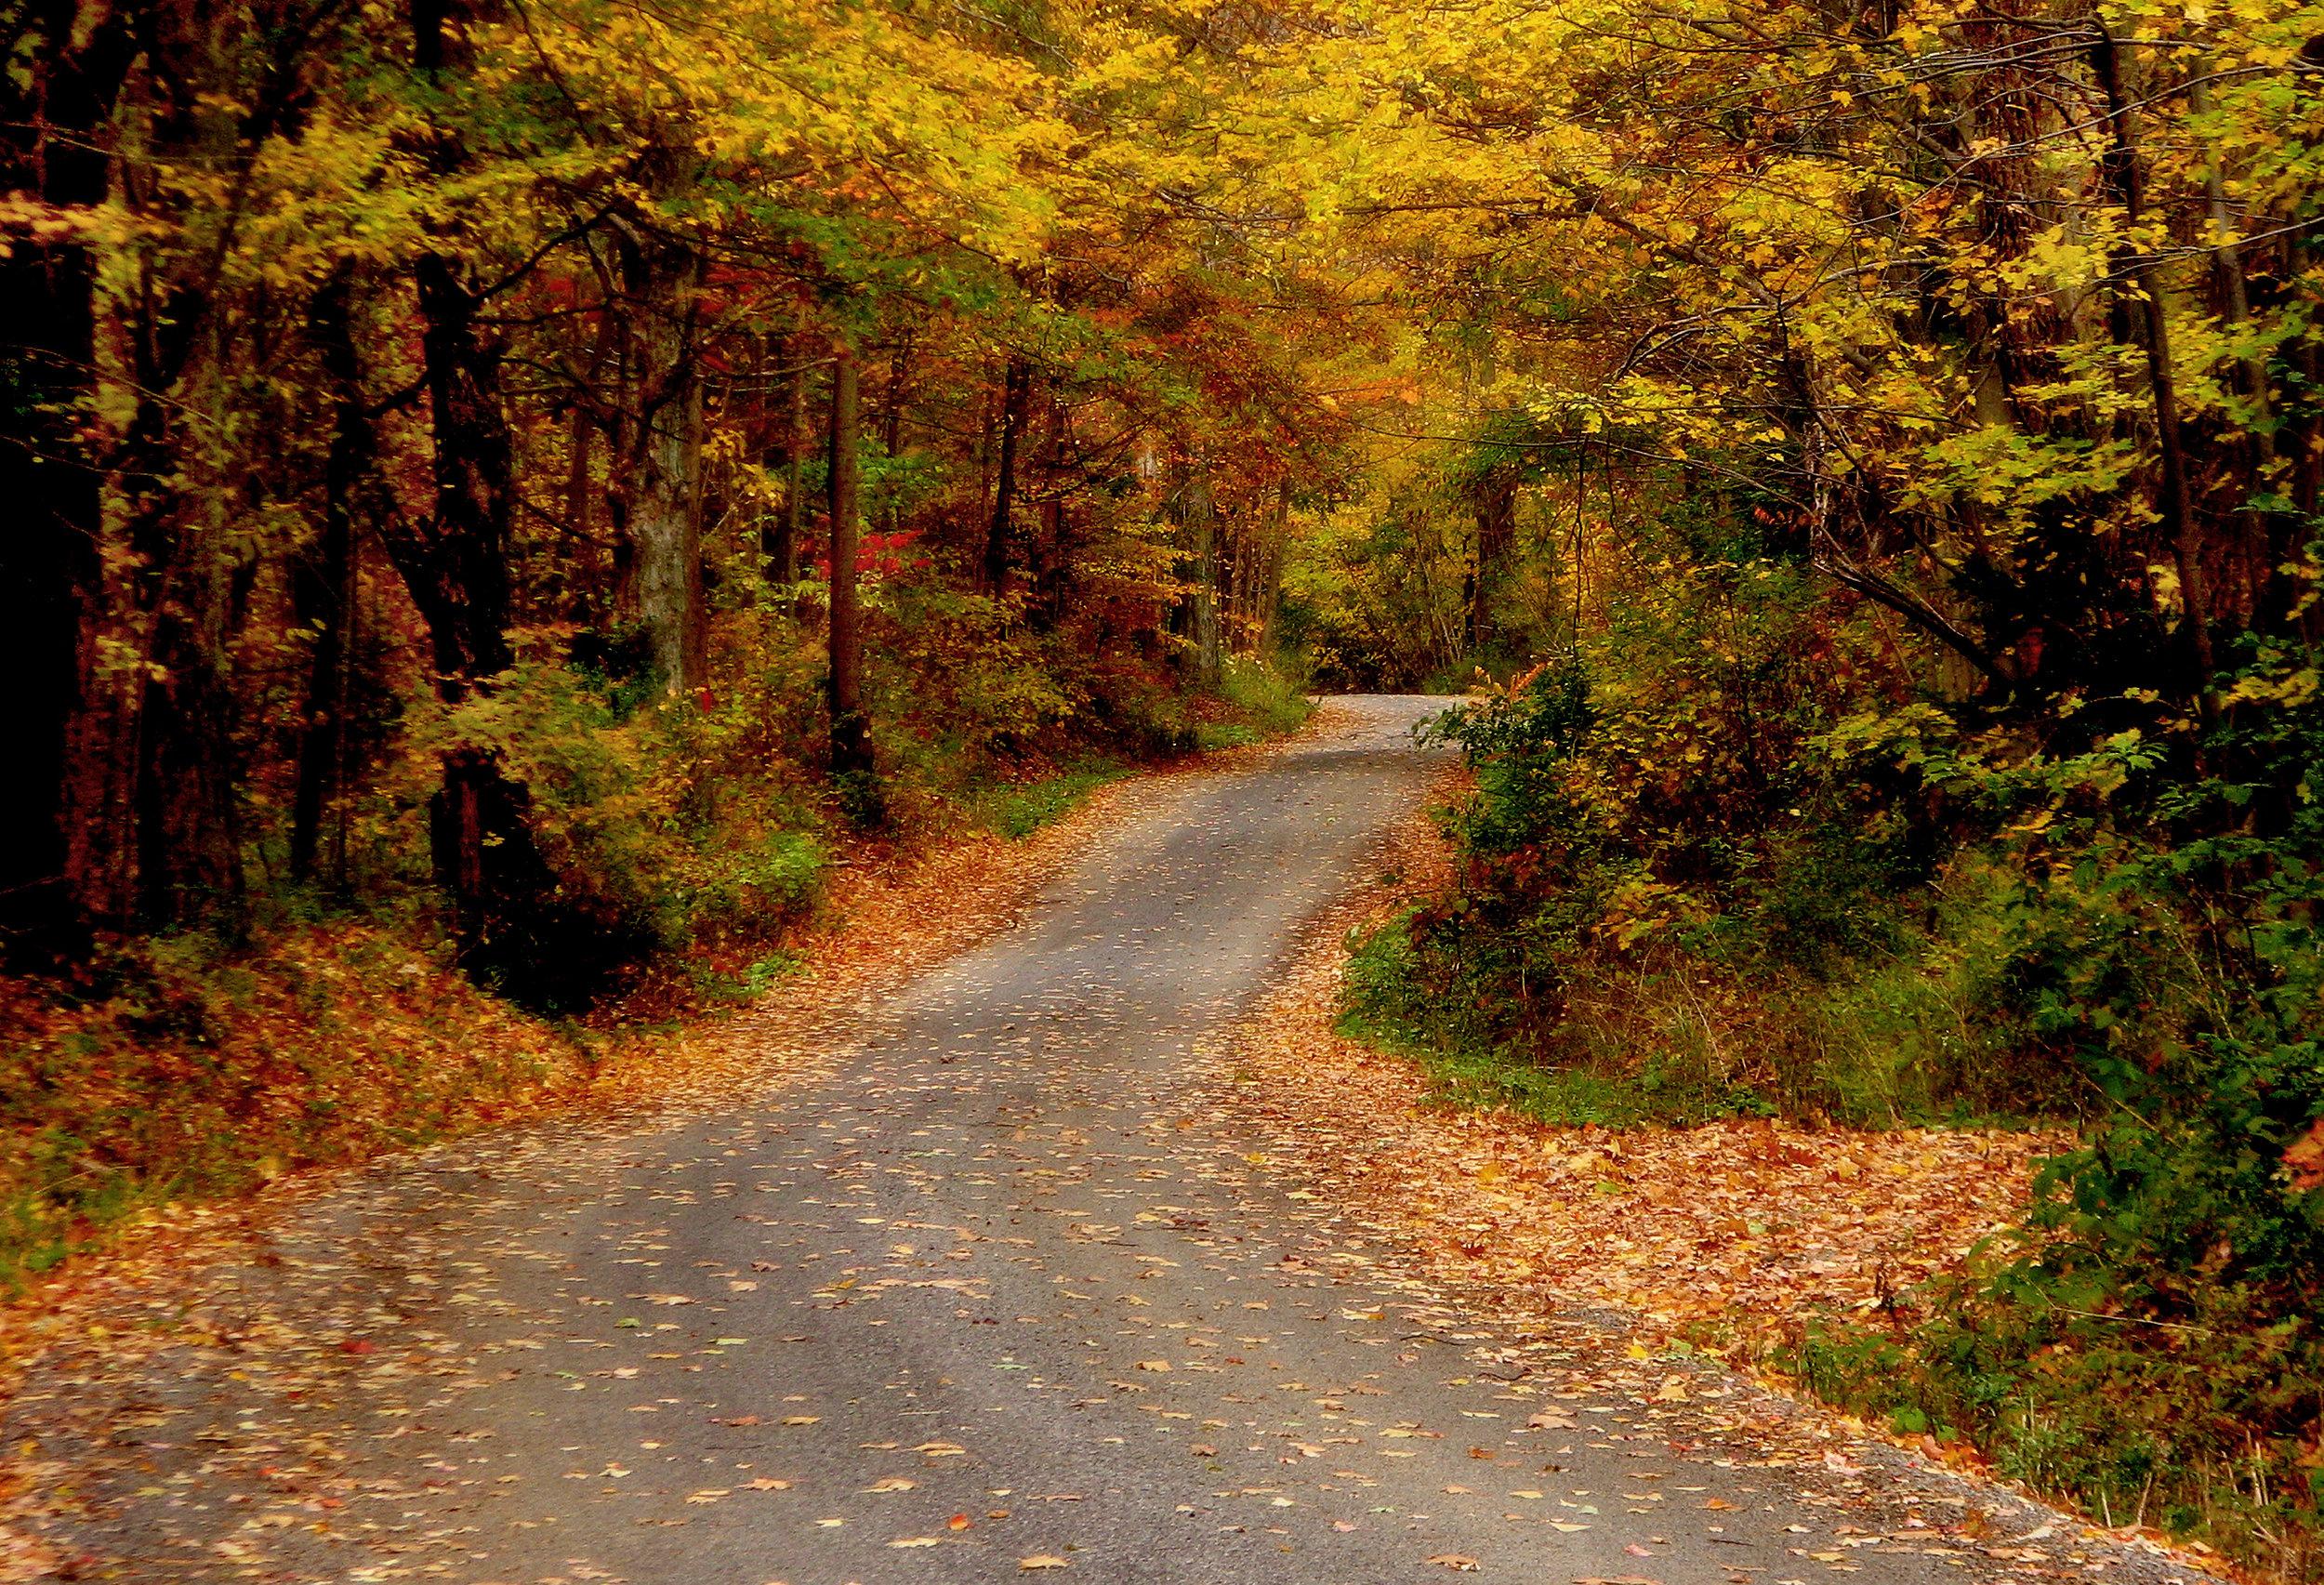 Road+Oct+28+2007+036+-273217406-O.jpg